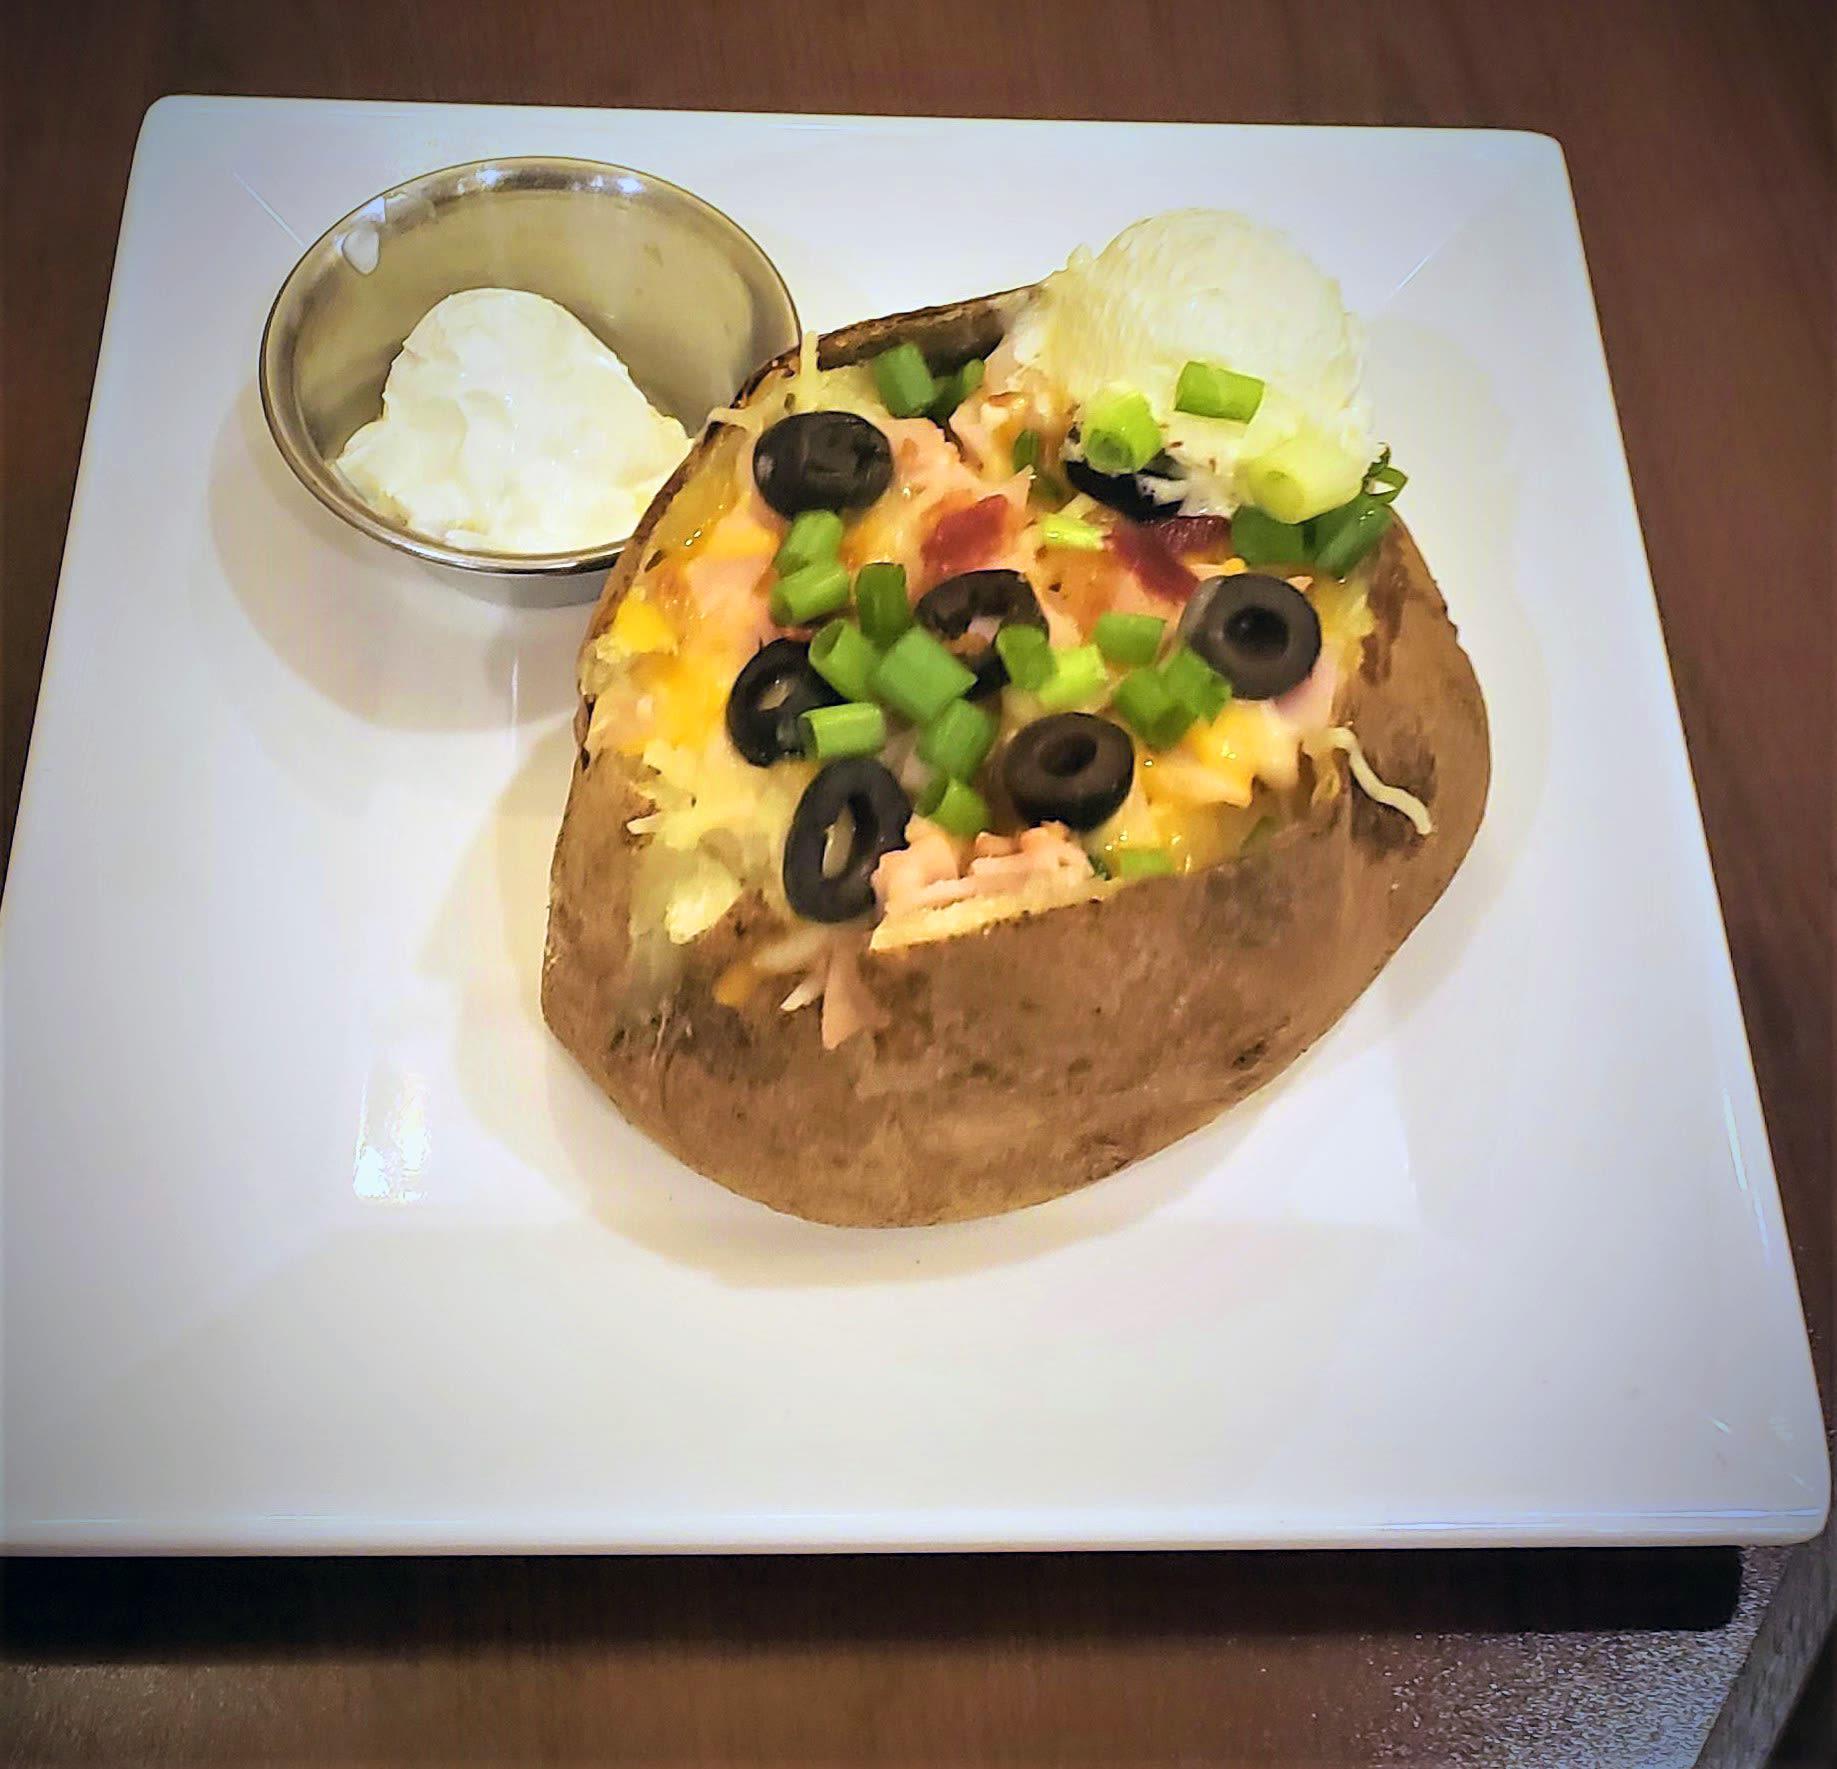 Loaded baked potato at Blossom Vale Senior Living